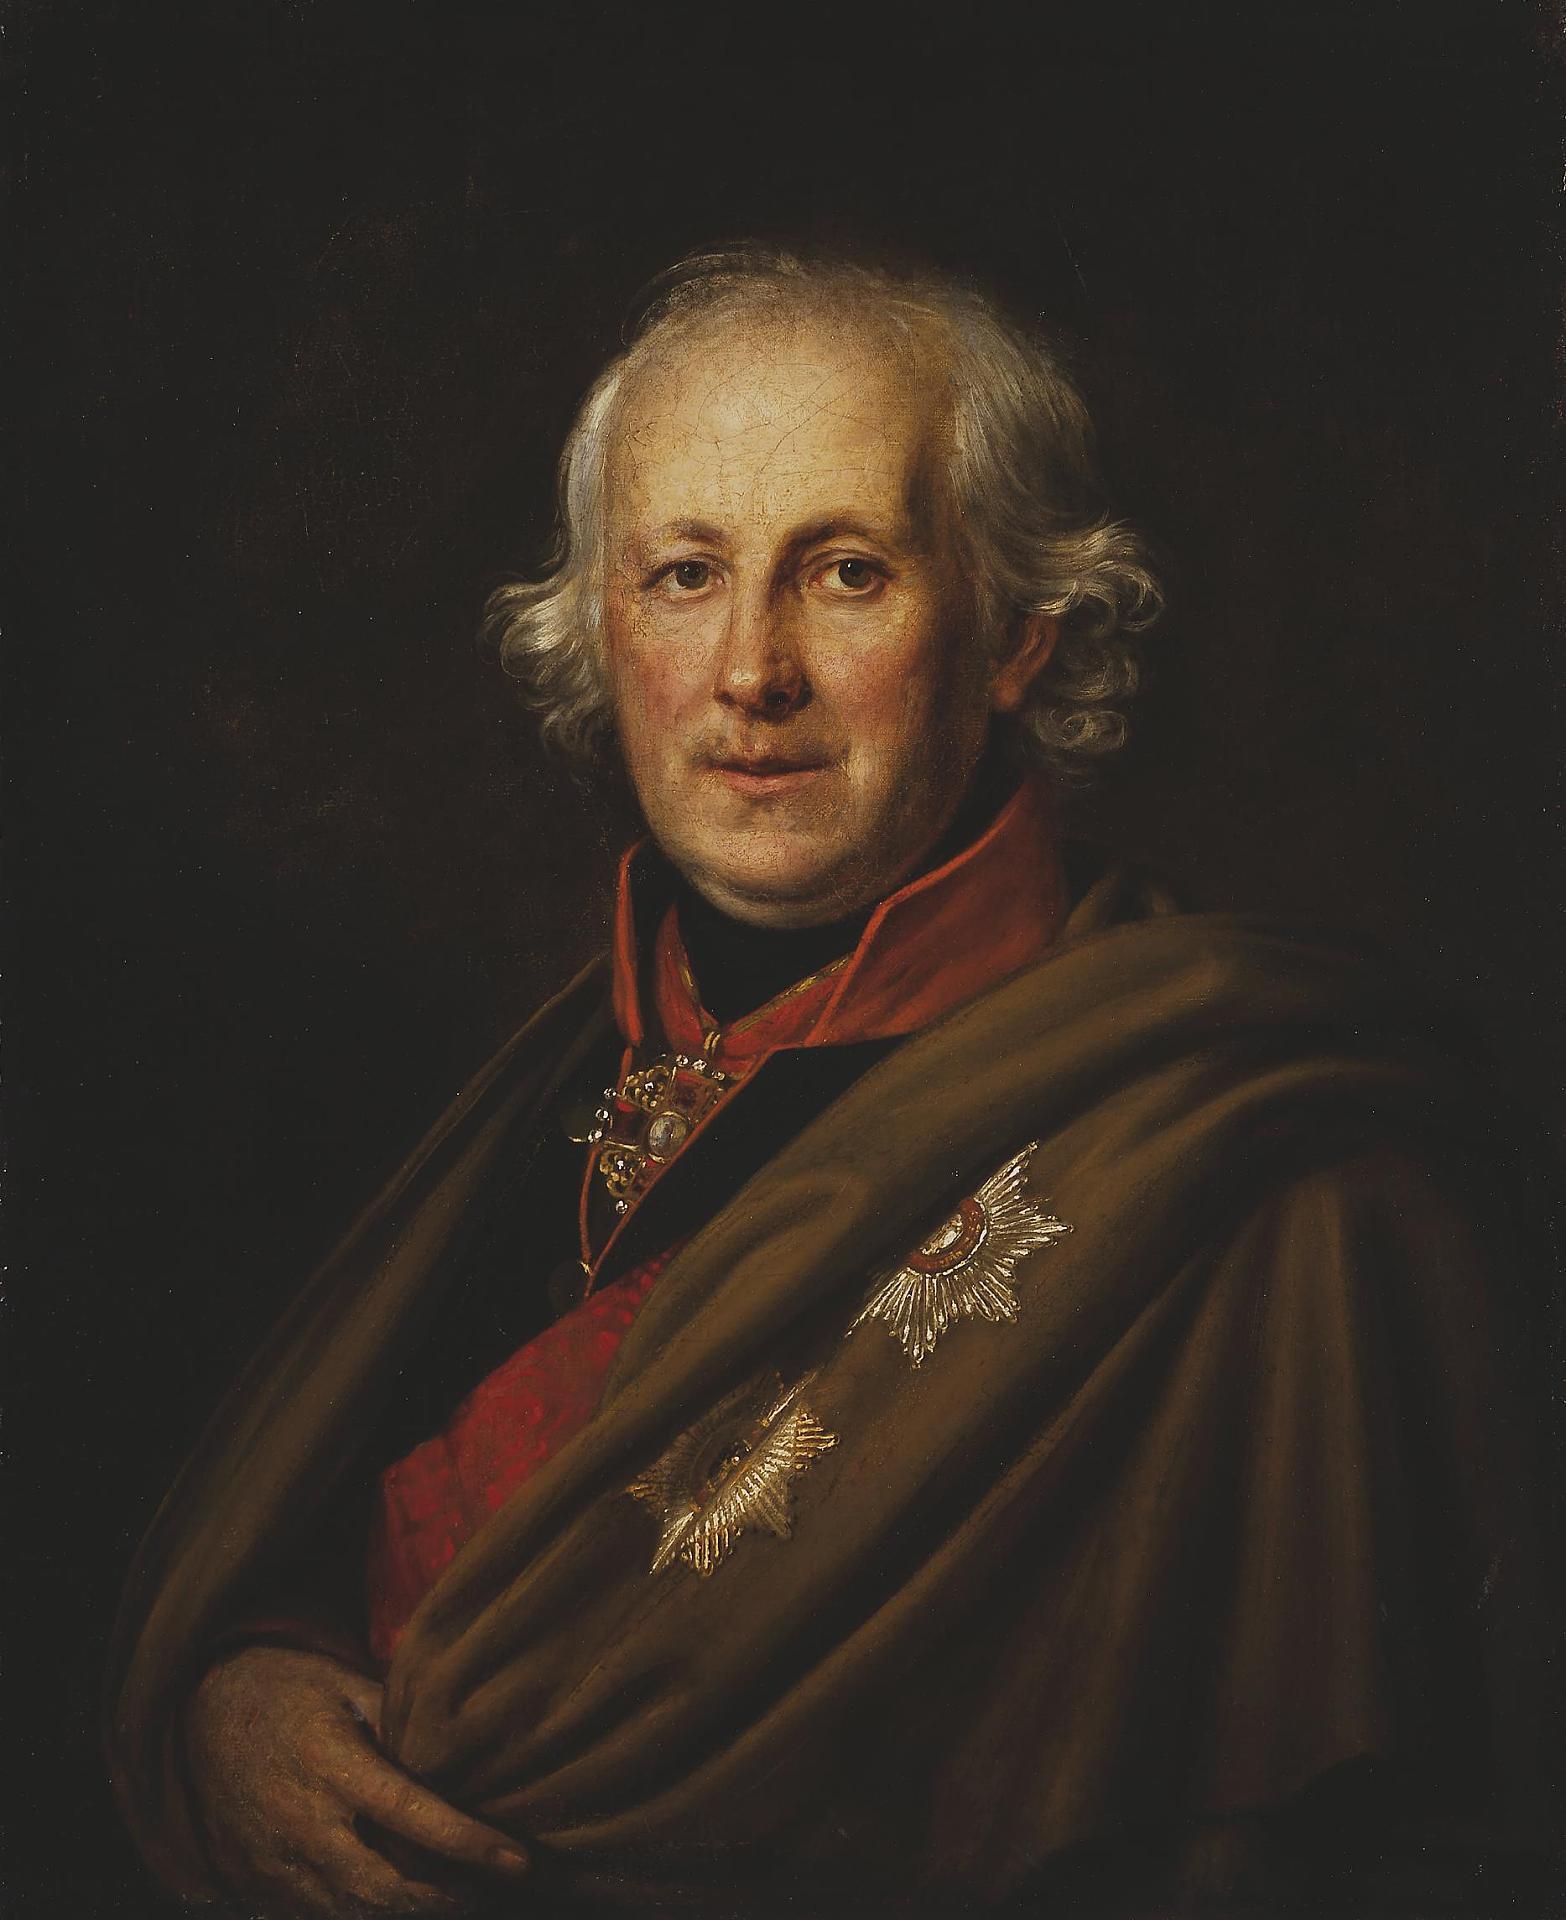 https://upload.wikimedia.org/wikipedia/commons/4/42/Portrait_of_admiral_N.S.Mordvinov_by_Alexander_Varnek%2C_1810s-1820s.jpg